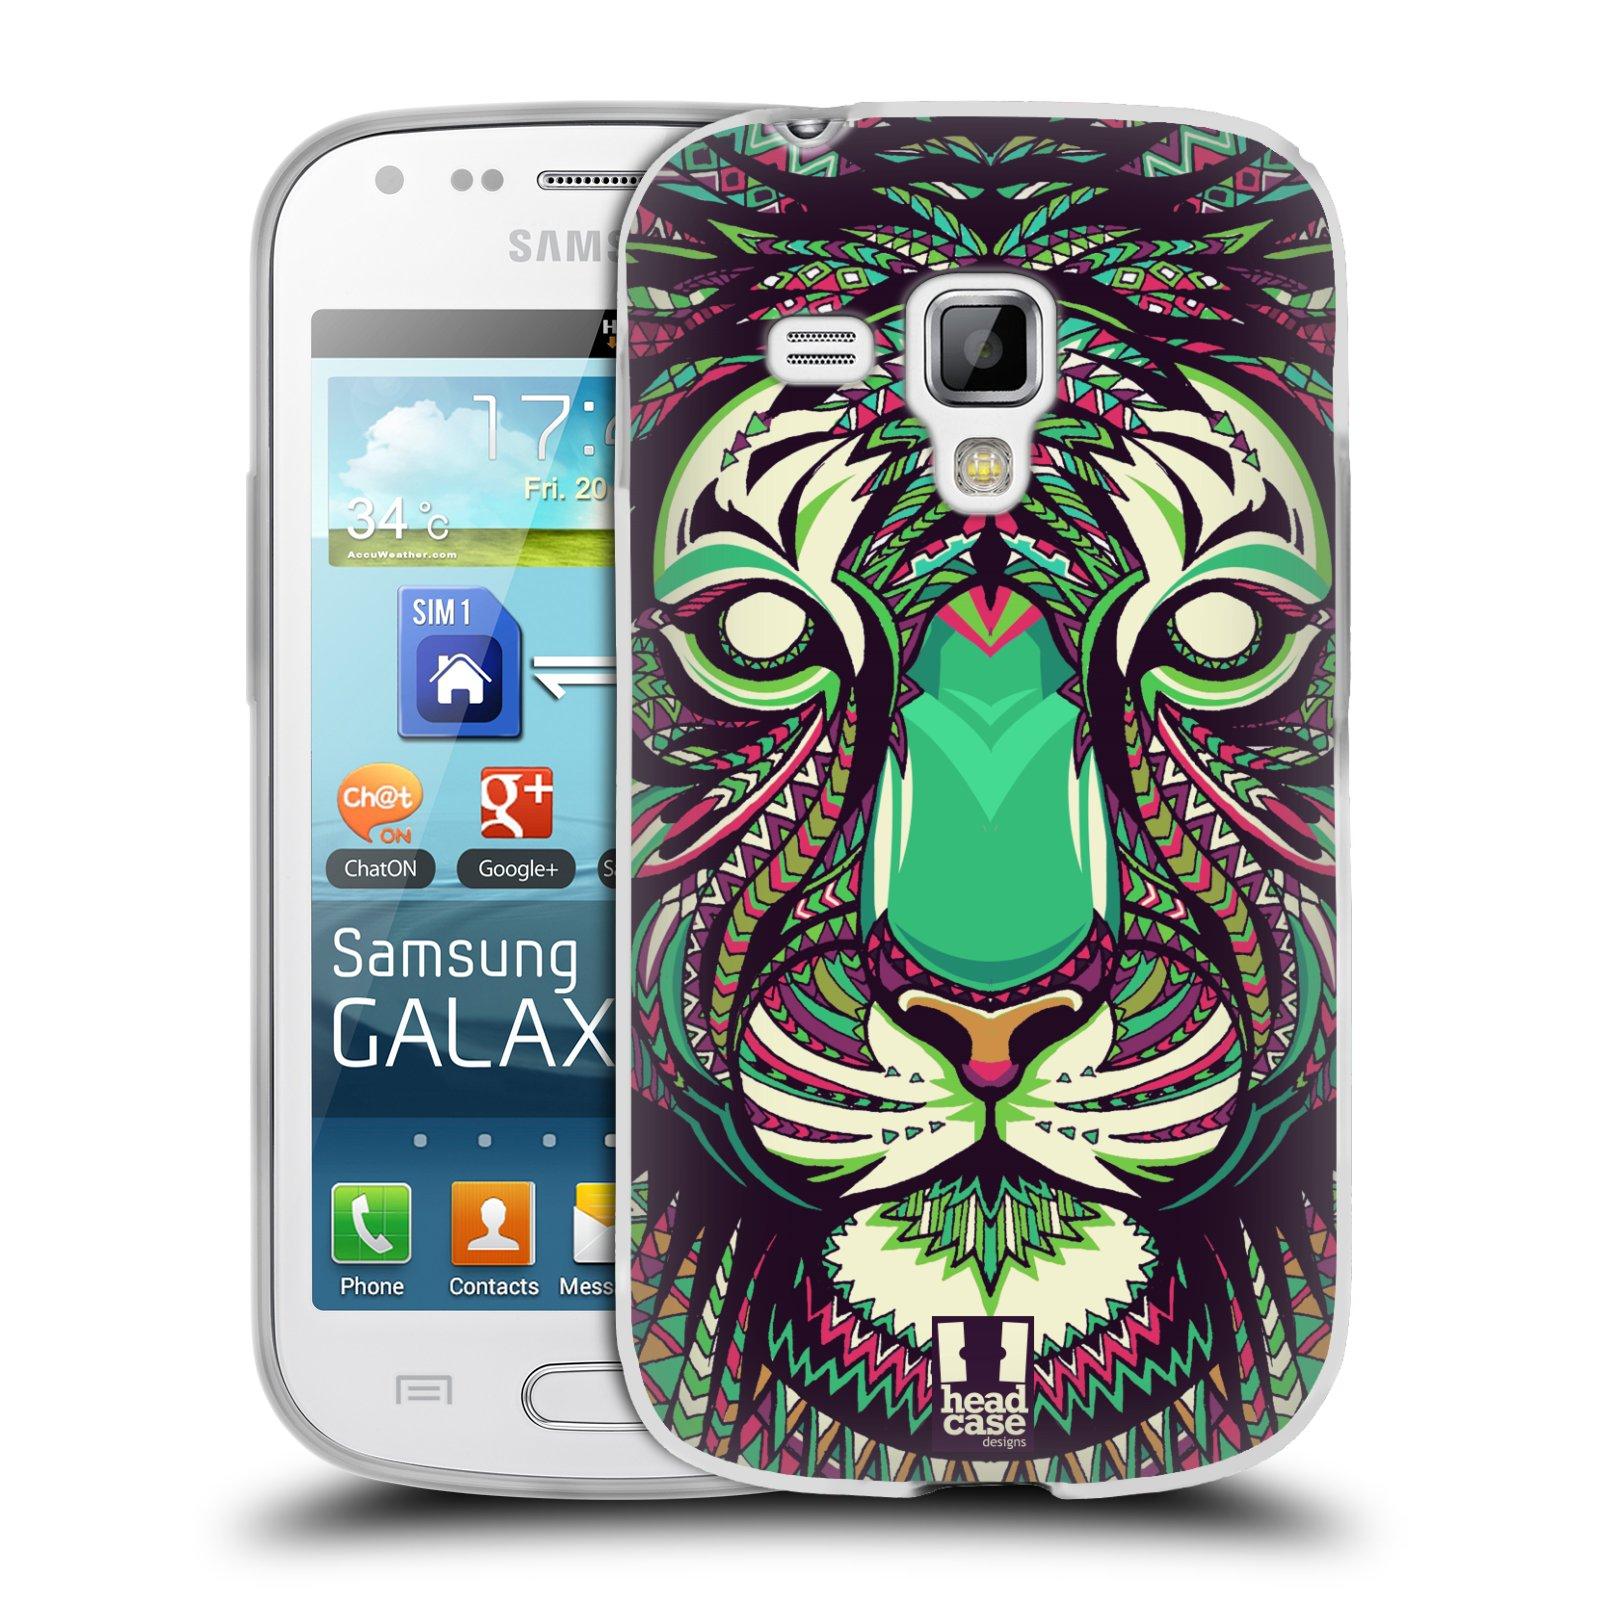 Silikonové pouzdro na mobil Samsung Galaxy S Duos 2 HEAD CASE AZTEC TYGR (Silikonový kryt či obal na mobilní telefon Samsung Galaxy S Duos 2 GT-S7582)